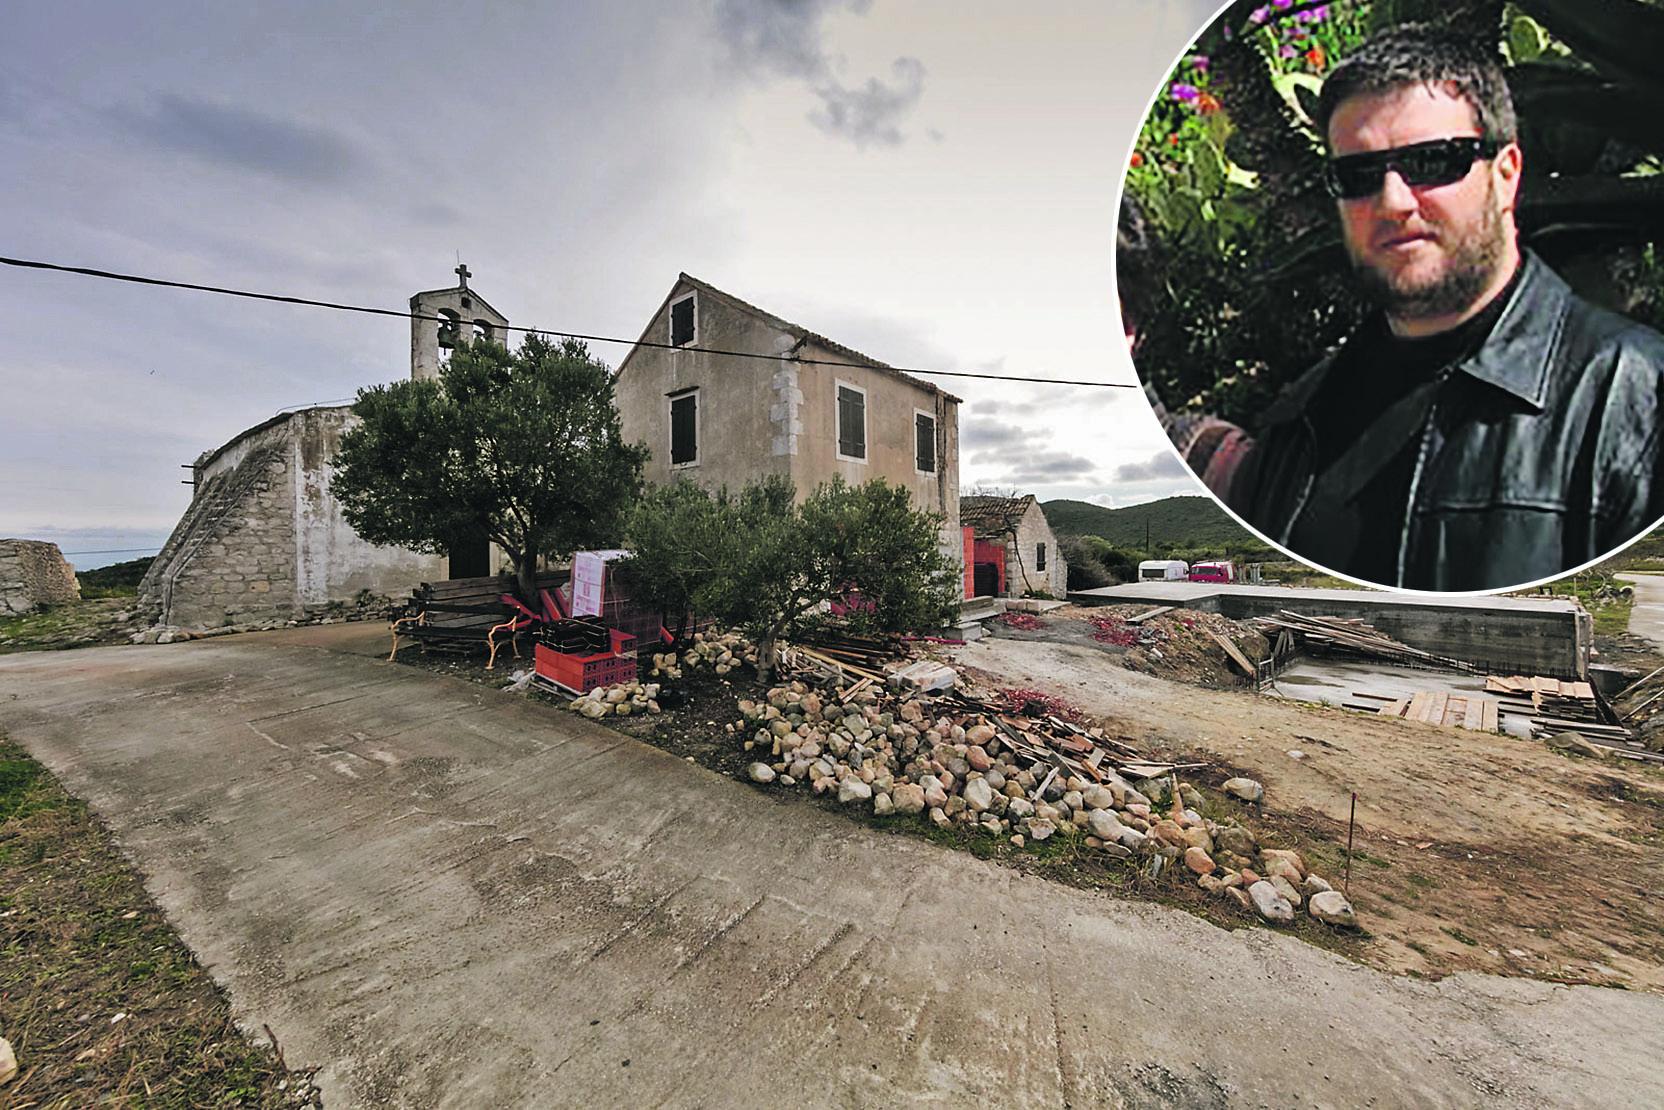 Jednokatnica na Biševu kupljena je od Hrvoja Vojkovića, a sad se čeka što će biti s gradilištem